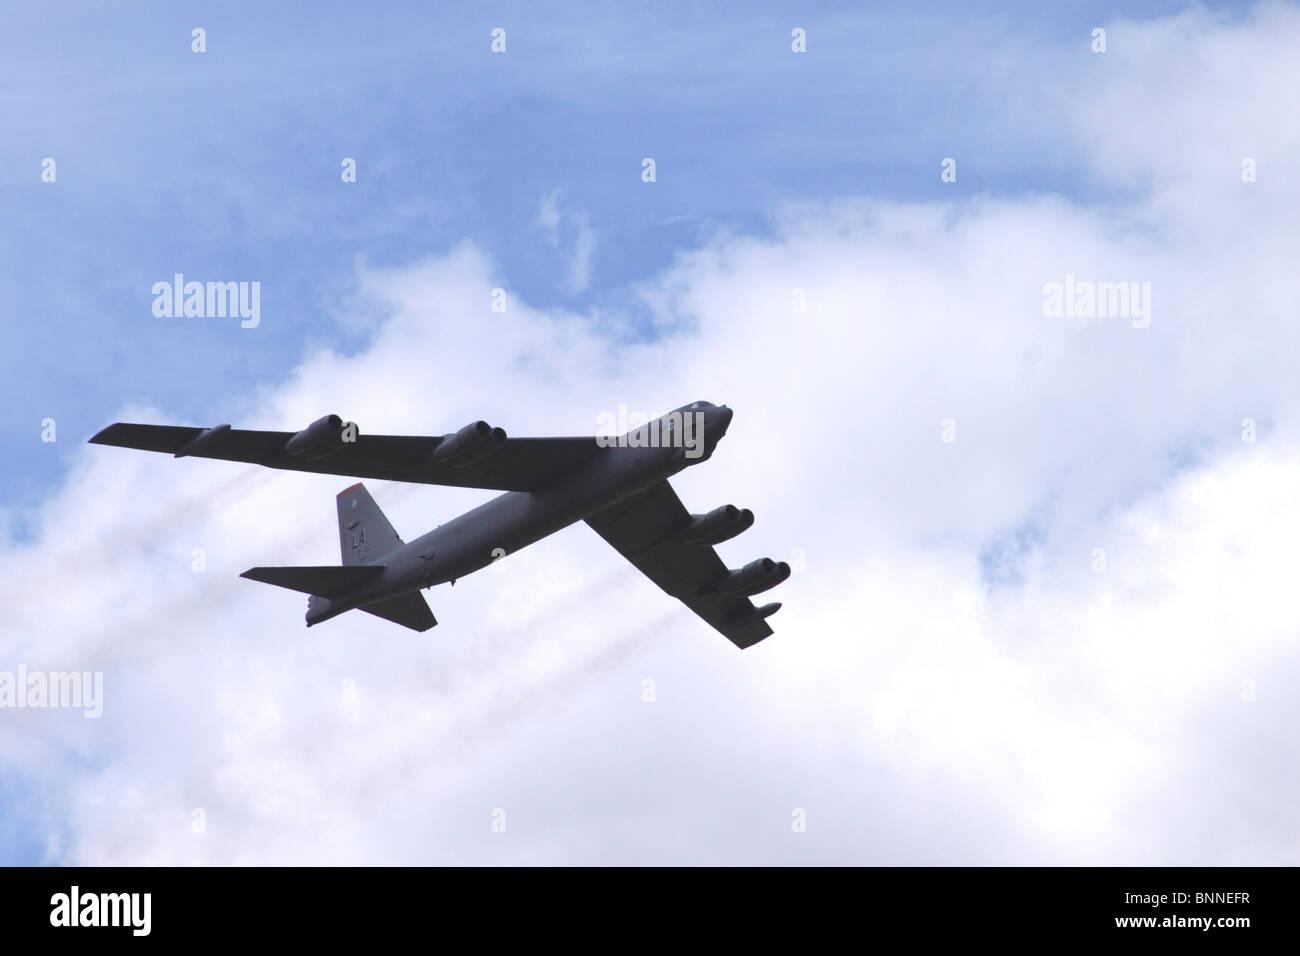 Boeing B52 Stratofortress bombardiere strategico battenti a Farnborough Airshow 2010 Foto Stock